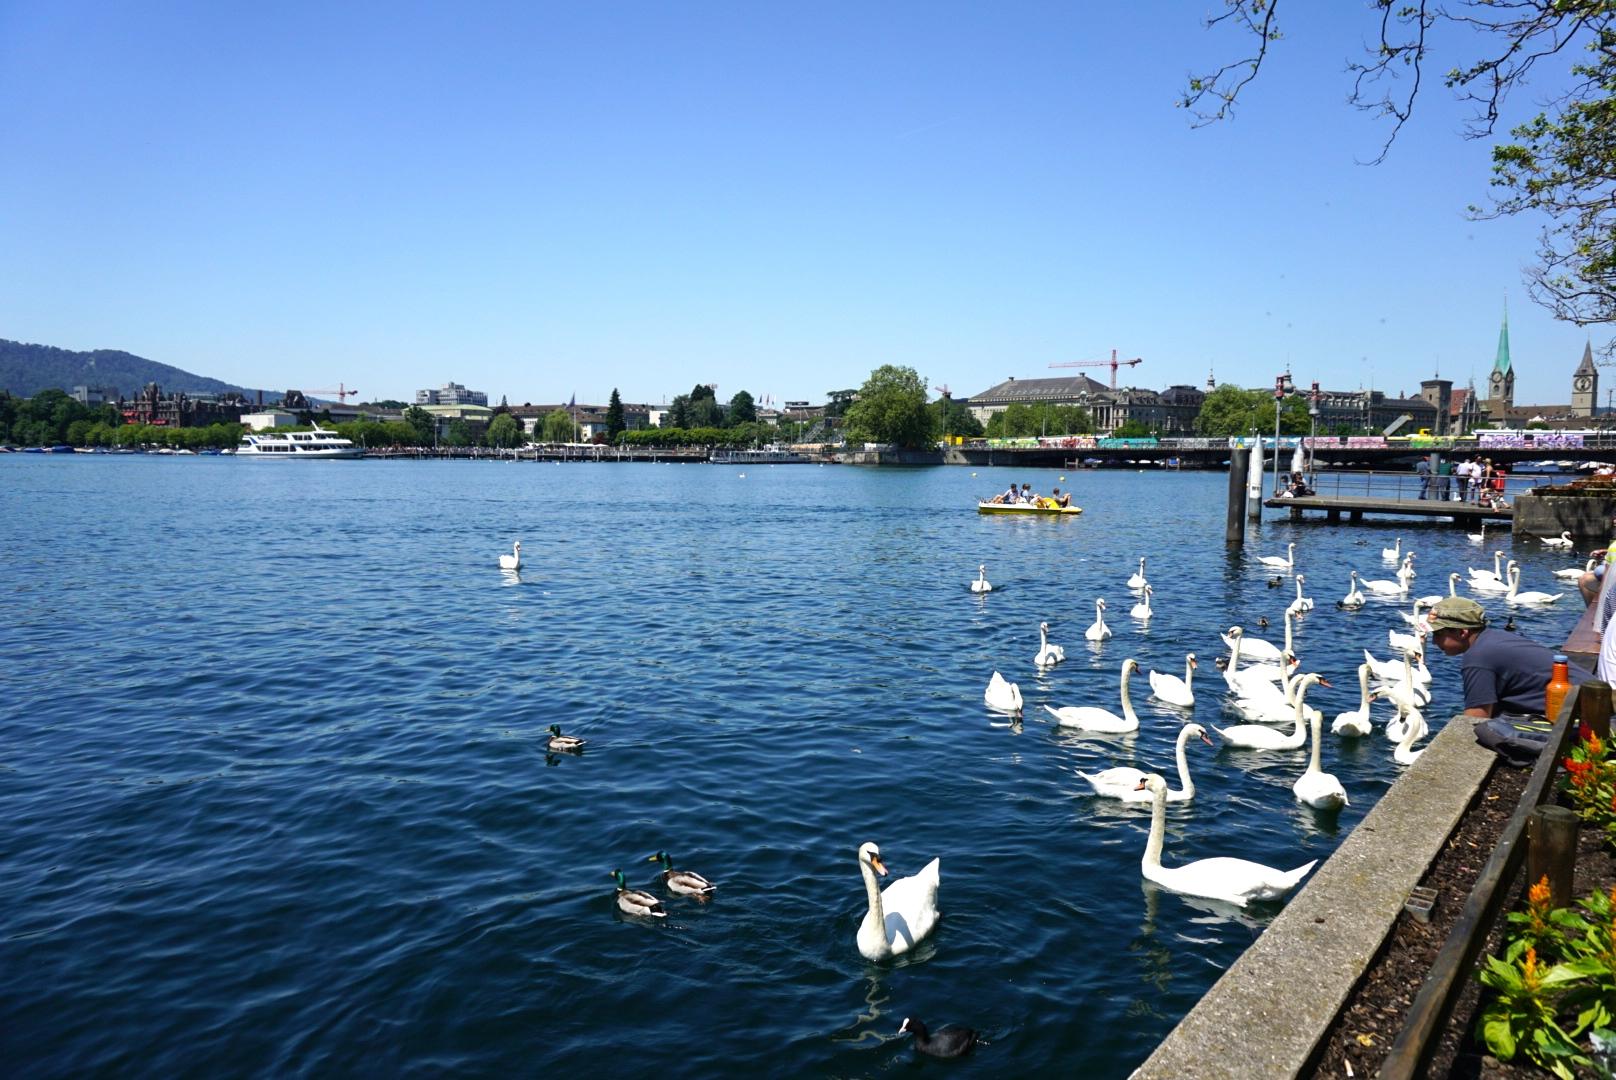 Sperm banks lake zurich